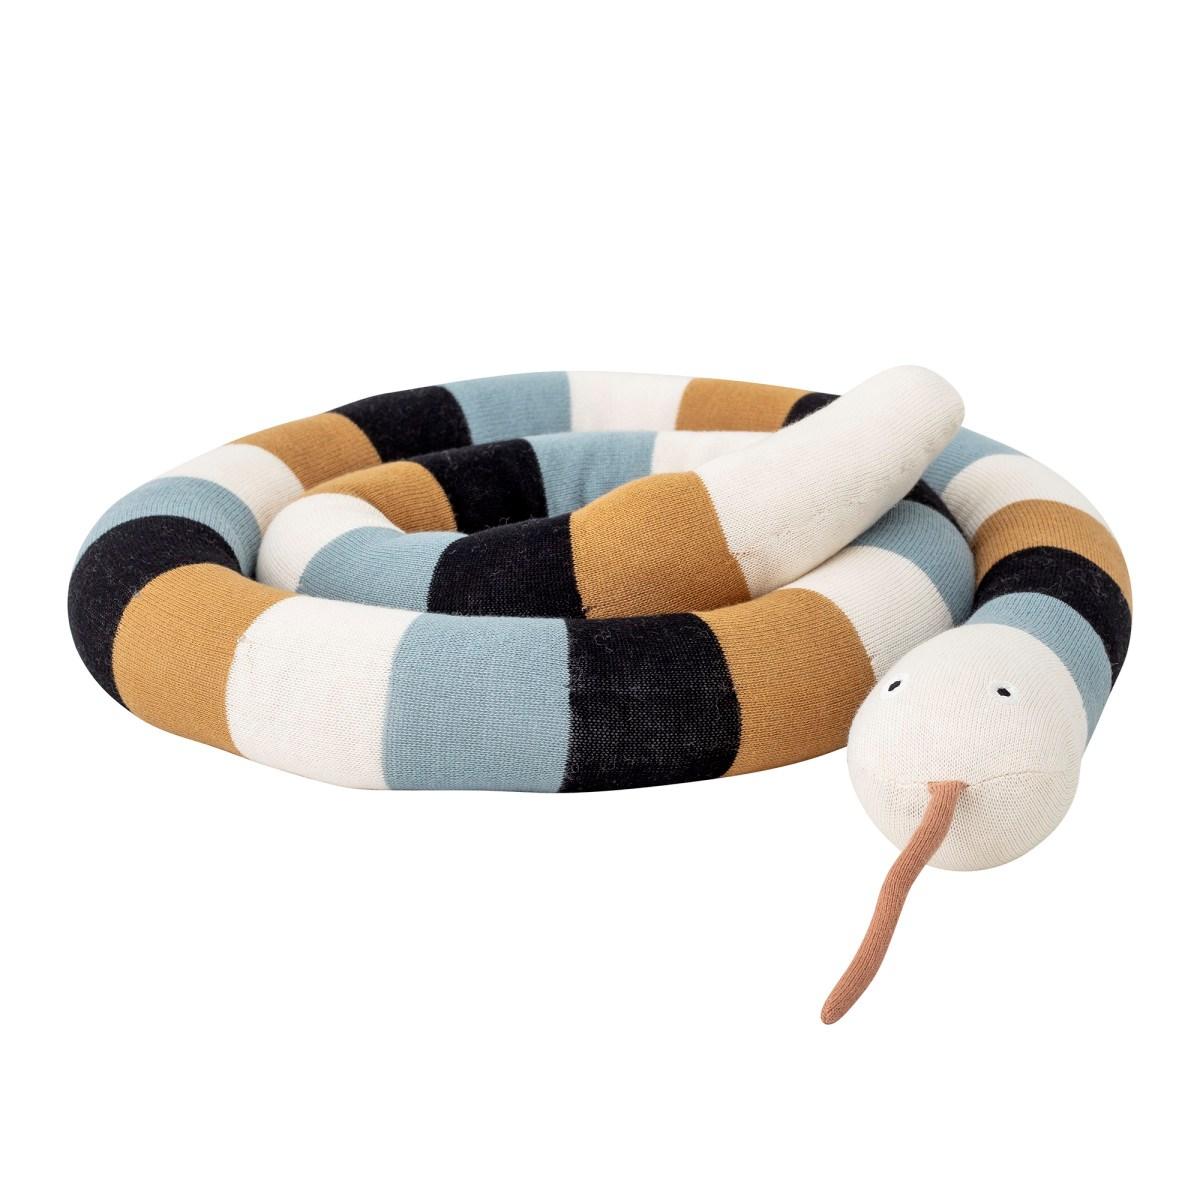 Dekorace do dětského pokoje - had, 2m_2